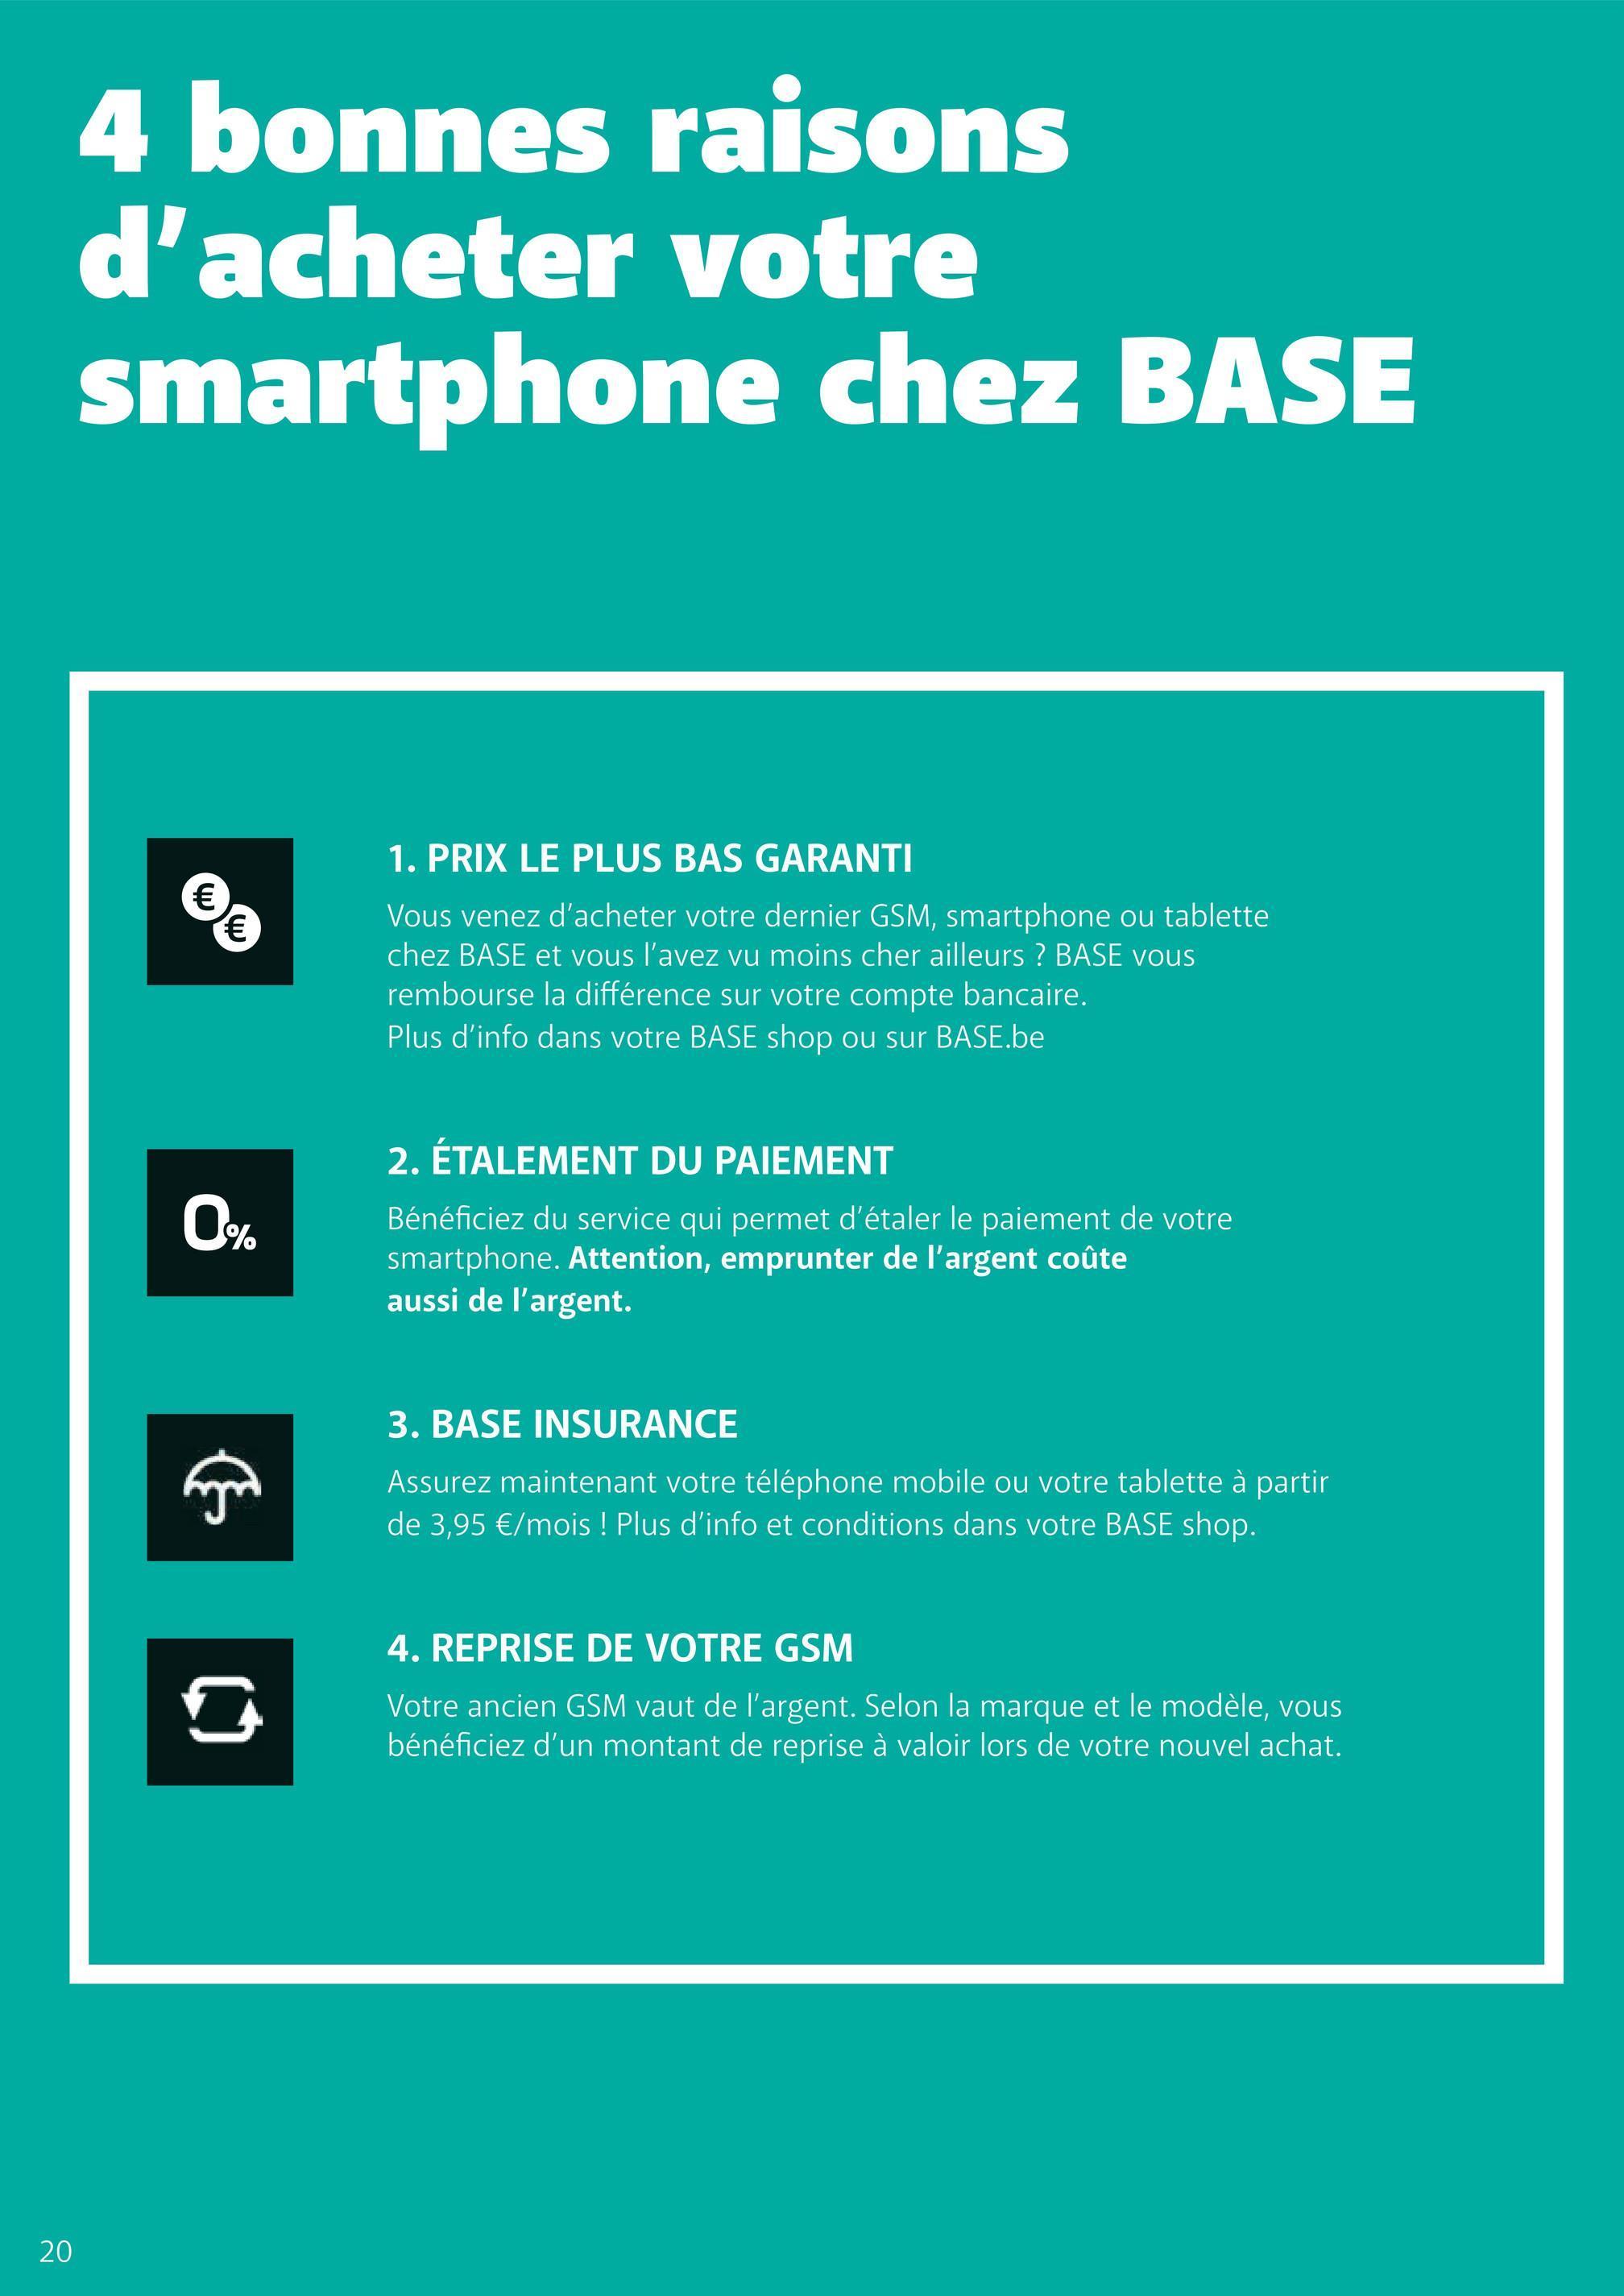 4 bonnes raisons d'acheter votre smartphone chez BASE 1. PRIX LE PLUS BAS GARANTI Vous venez d'acheter votre dernier GSM, smartphone ou tablette chez BASE et vous l'avez vu moins cher ailleurs ? BASE vous rembourse la différence sur votre compte bancaire. Plus d'info dans votre BASE shop ou sur BASE.be 2. ÉTALEMENT DU PAIEMENT Bénéficiez du service qui permet d'étaler le paiement de votre smartphone. Attention, emprunter de l'argent coûte aussi de l'argent. 3. BASE INSURANCE Assurez maintenant votre téléphone mobile ou votre tablette à partir de 3,95 €/mois ! Plus d'info et conditions dans votre BASE shop. 4. REPRISE DE VOTRE GSM Votre ancien GSM vaut de l'argent. Selon la marque et le modèle, vous bénéficiez d'un montant de reprise à valoir lors de votre nouvel achat. 20